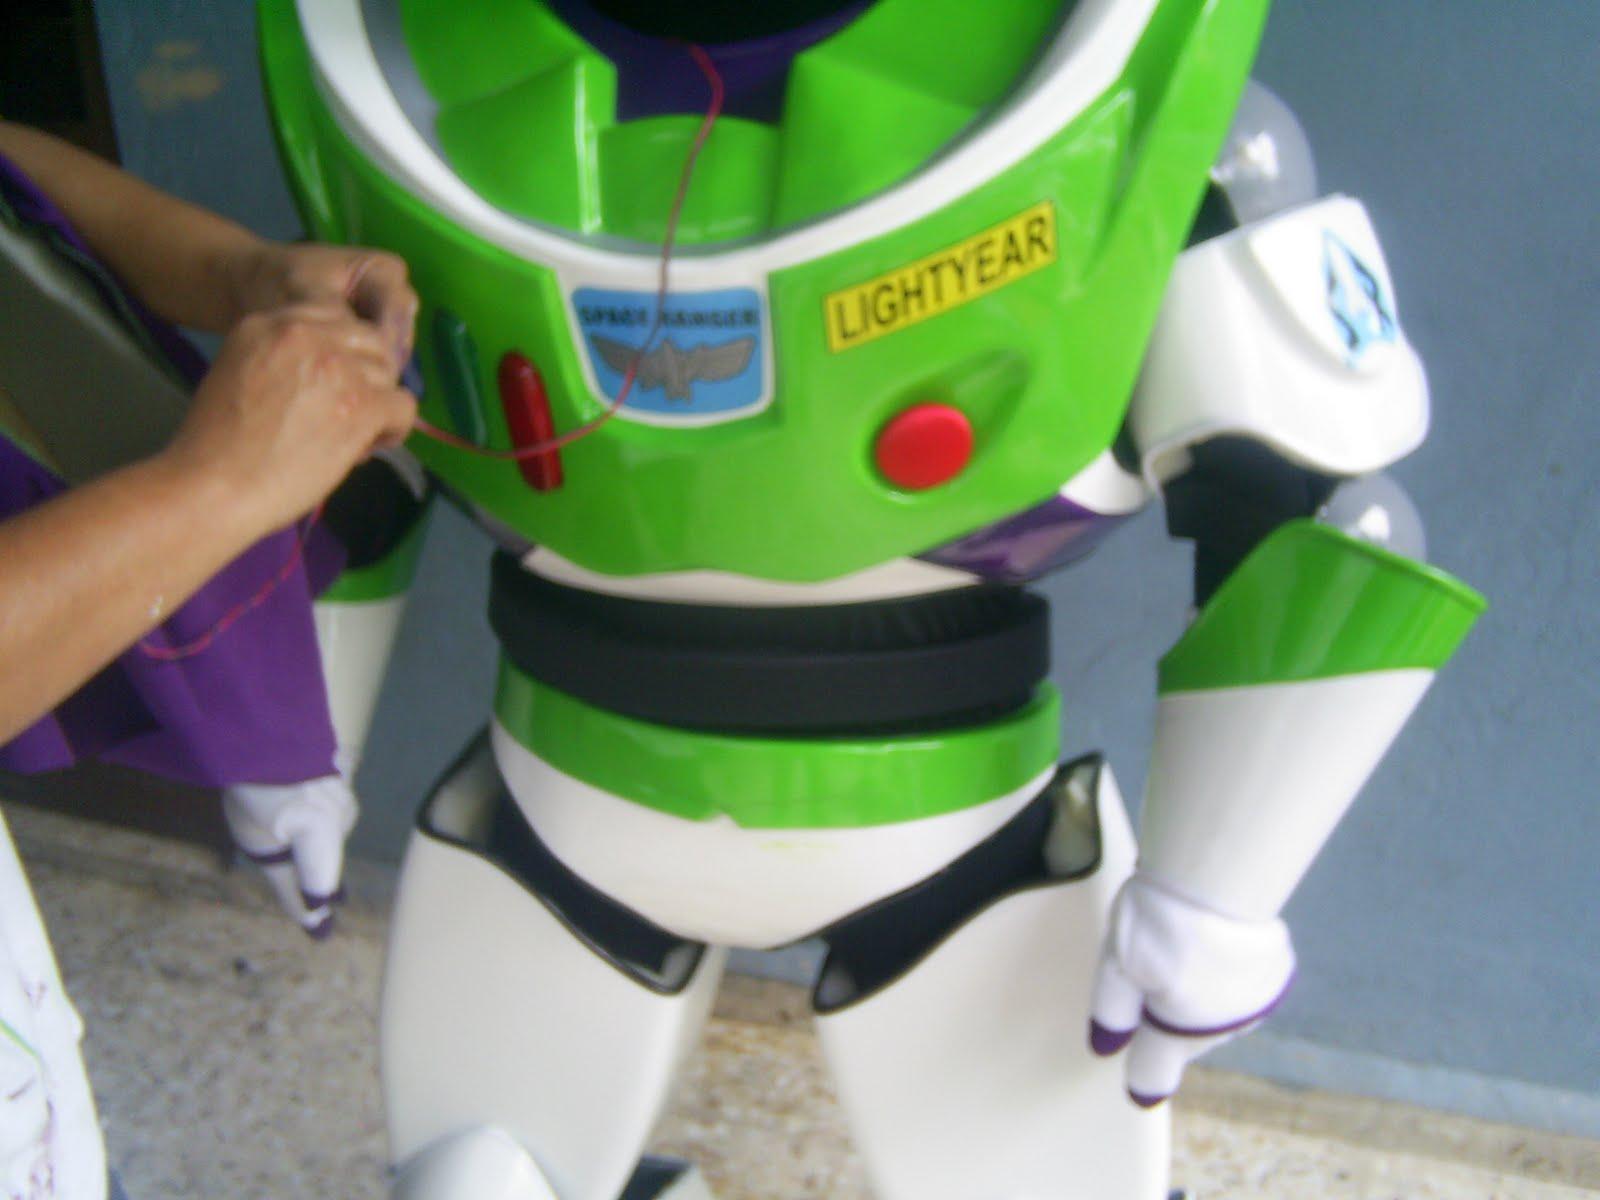 Disfraces infantiles | Comprar disfraz infantil online